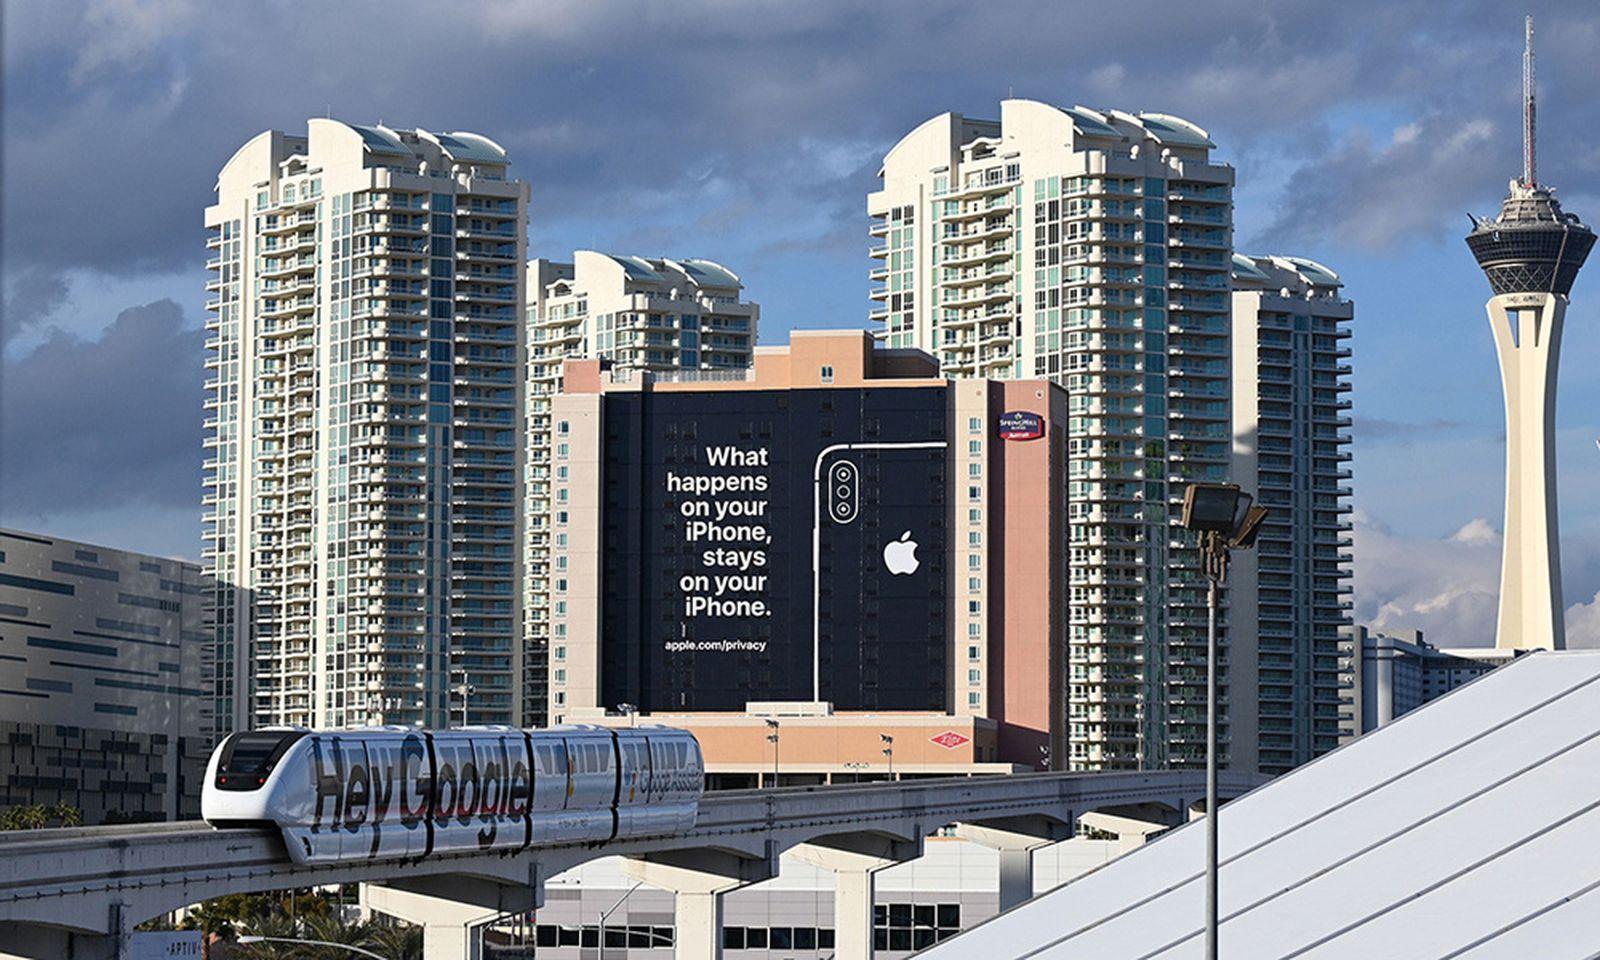 apple trolls google billboard comments Air Jordan 19 Lil Pump Martine Rose